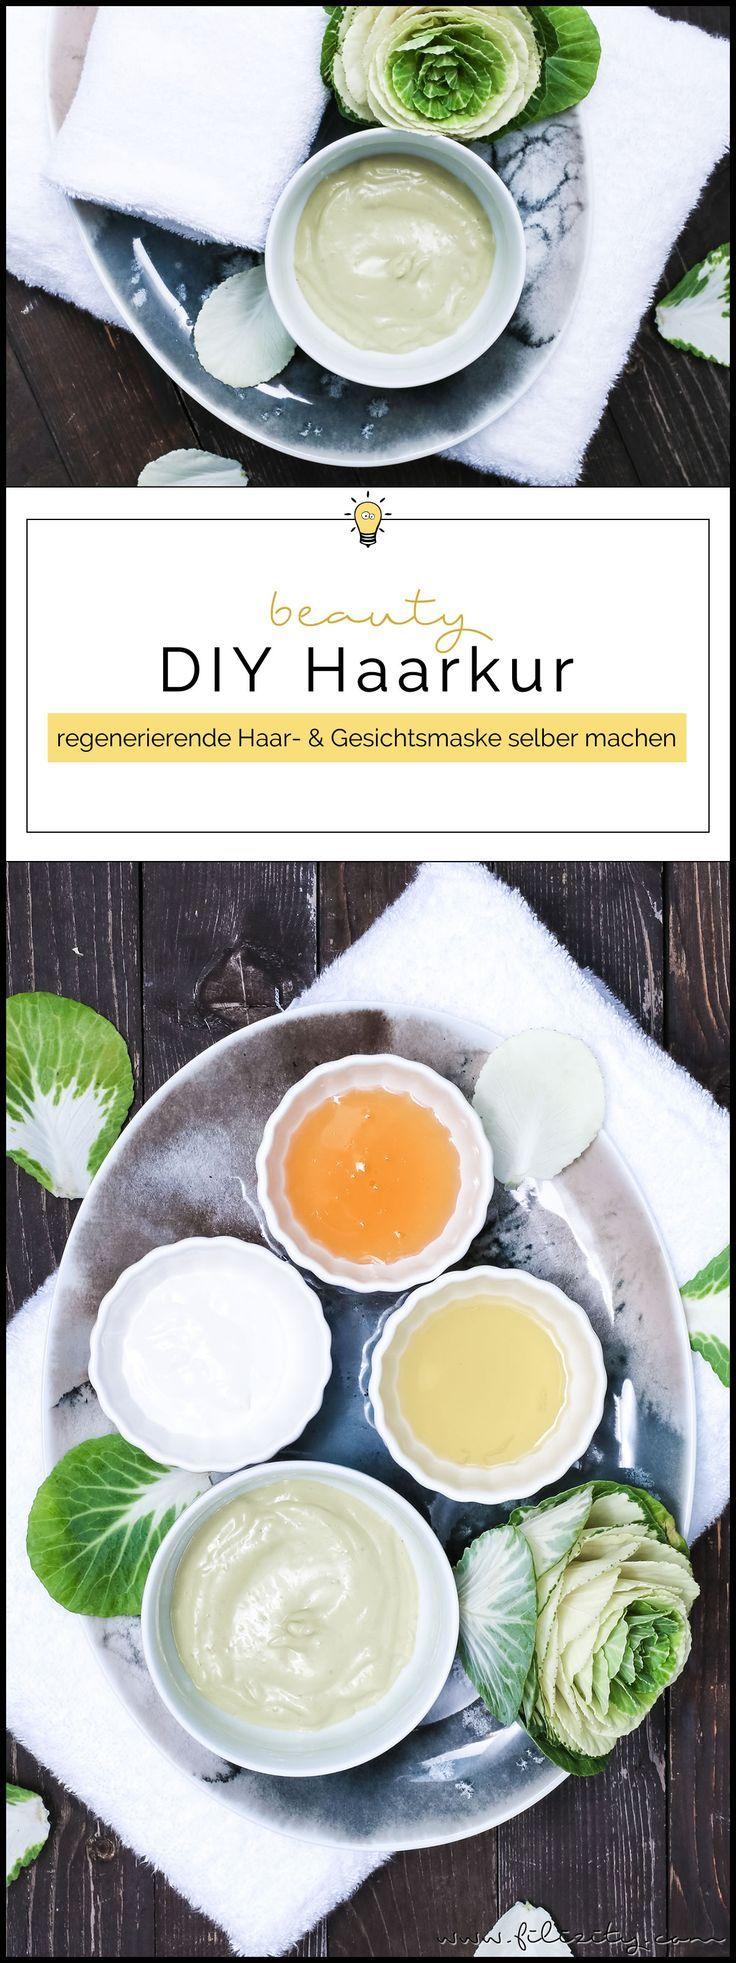 Regenerierende Haarkur/Gesichtsmaske selber machen